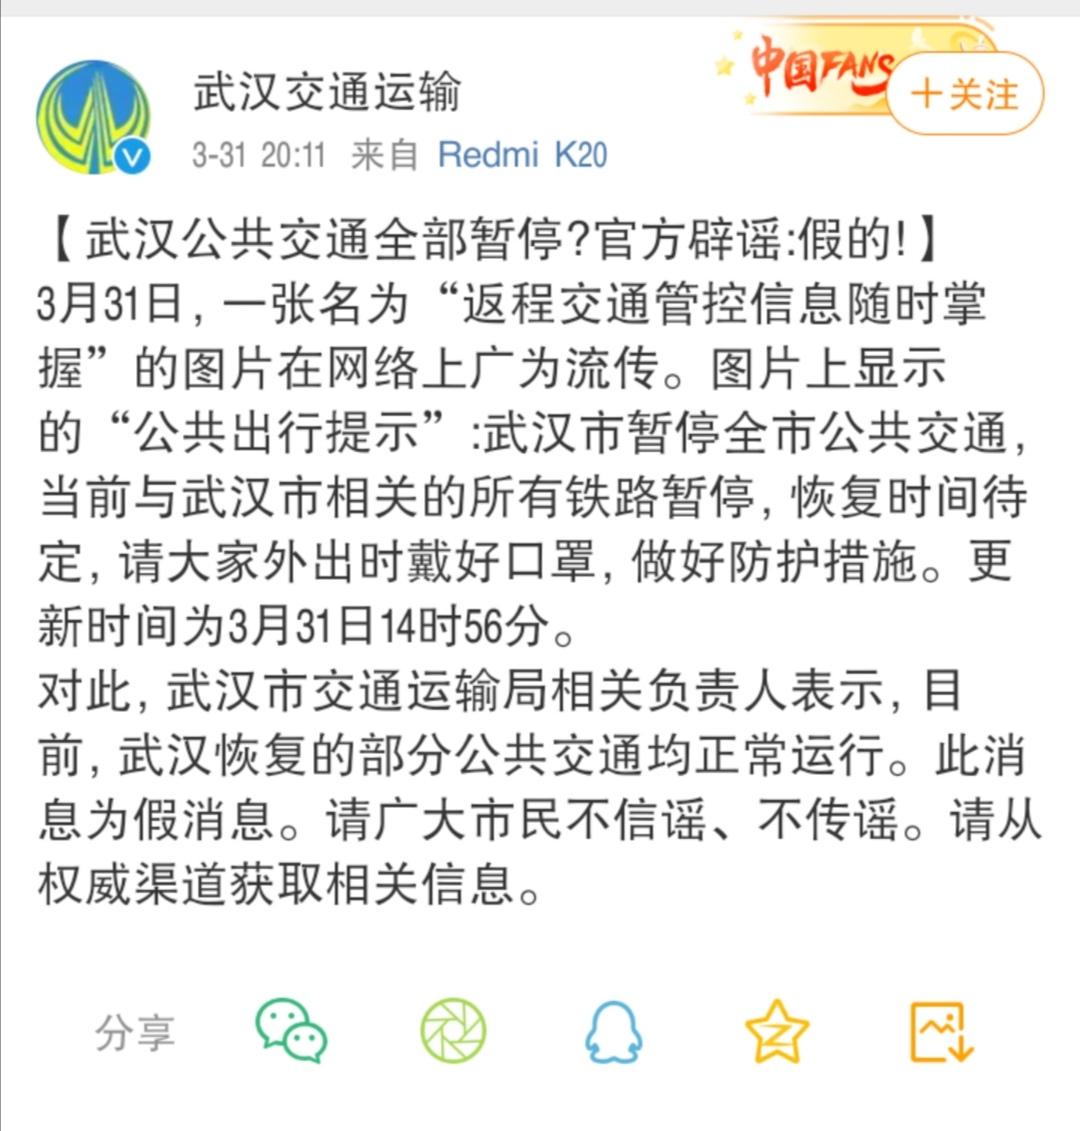 谣言粉碎机|武汉公共交通停运?假消息!